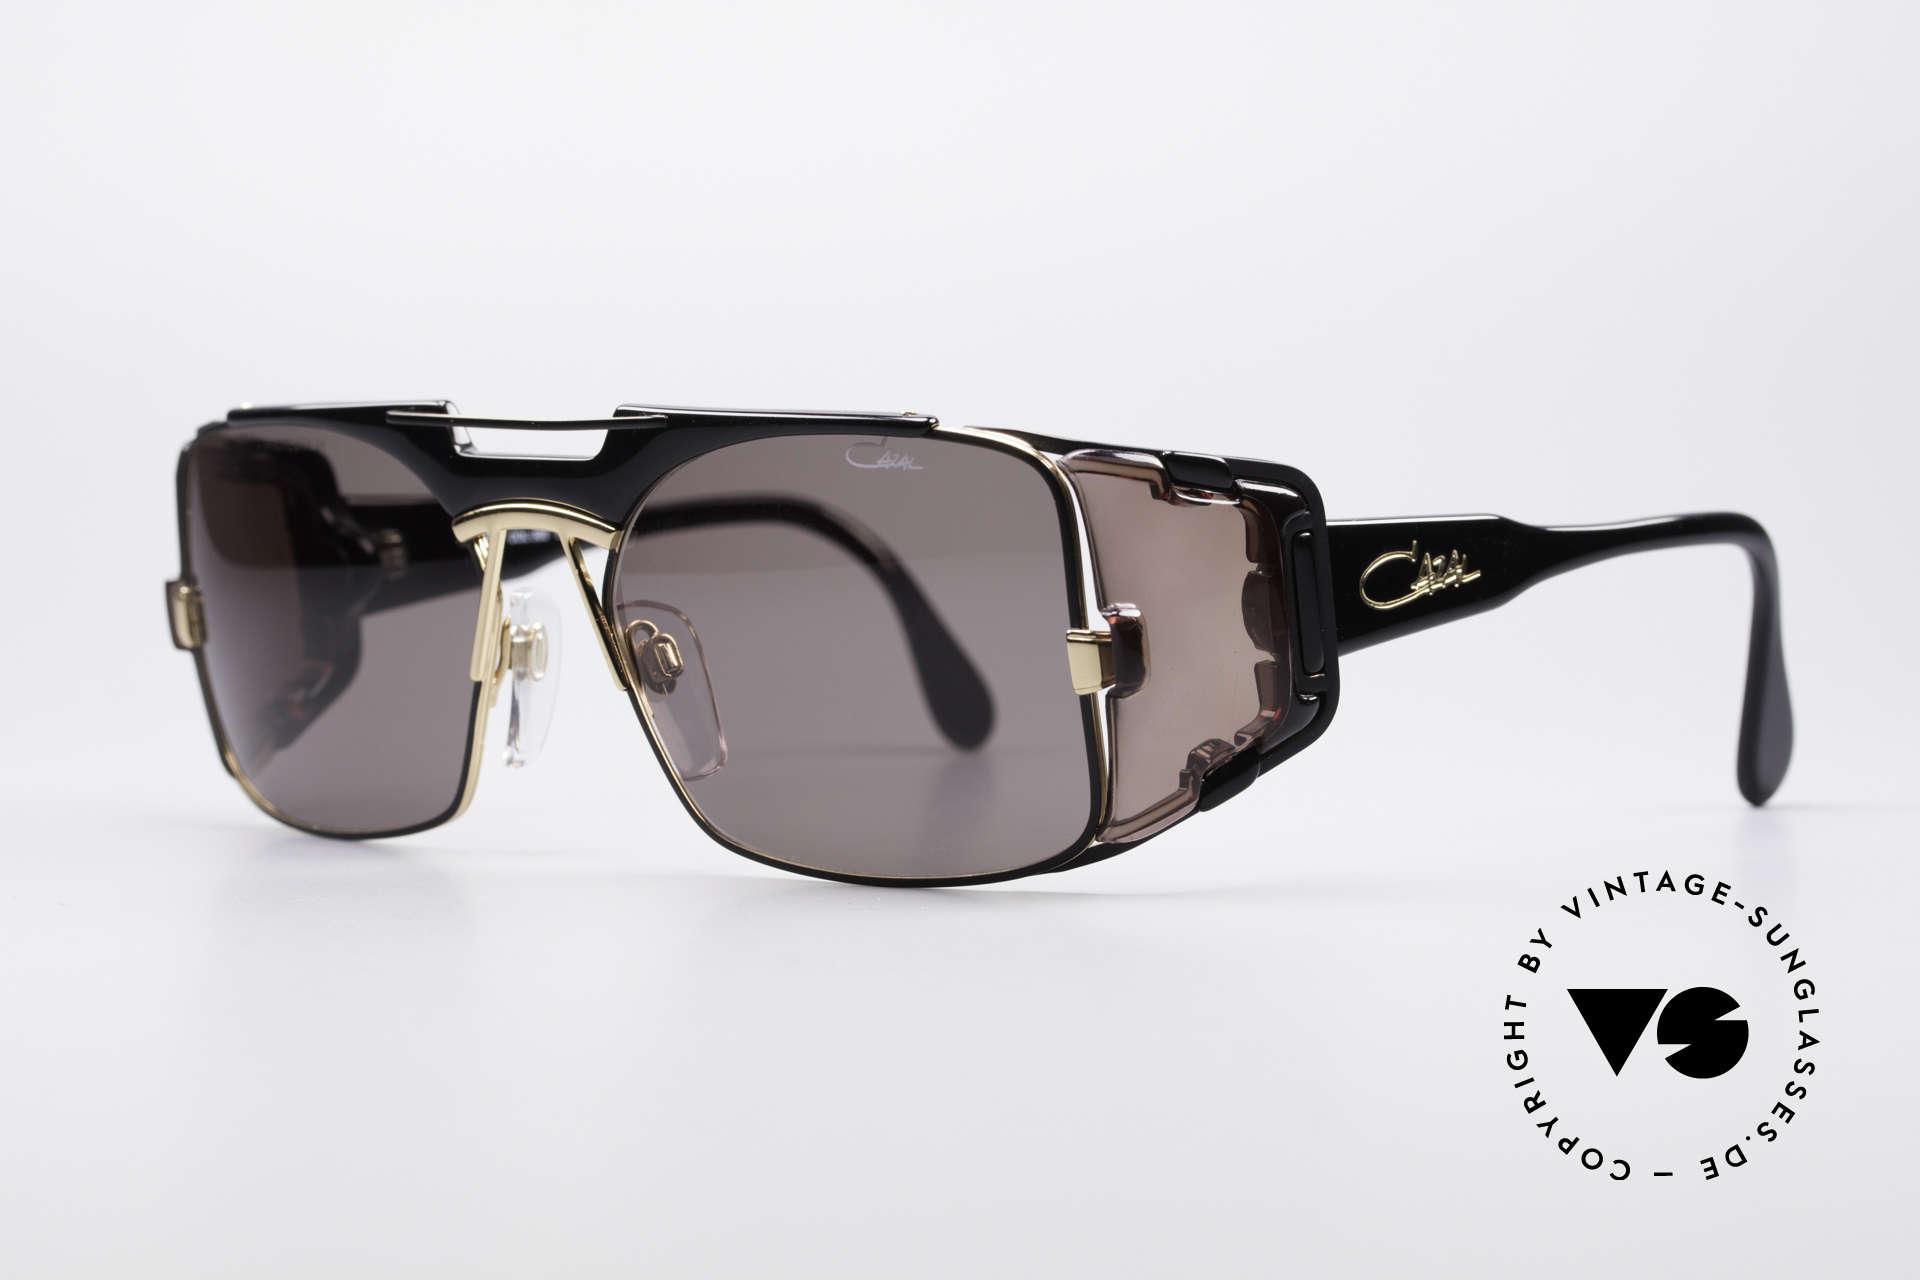 Cazal 963 Old School Hip Hop Brille, eines der seltensten Cazal vintage Modelle überhaupt, Passend für Herren und Damen